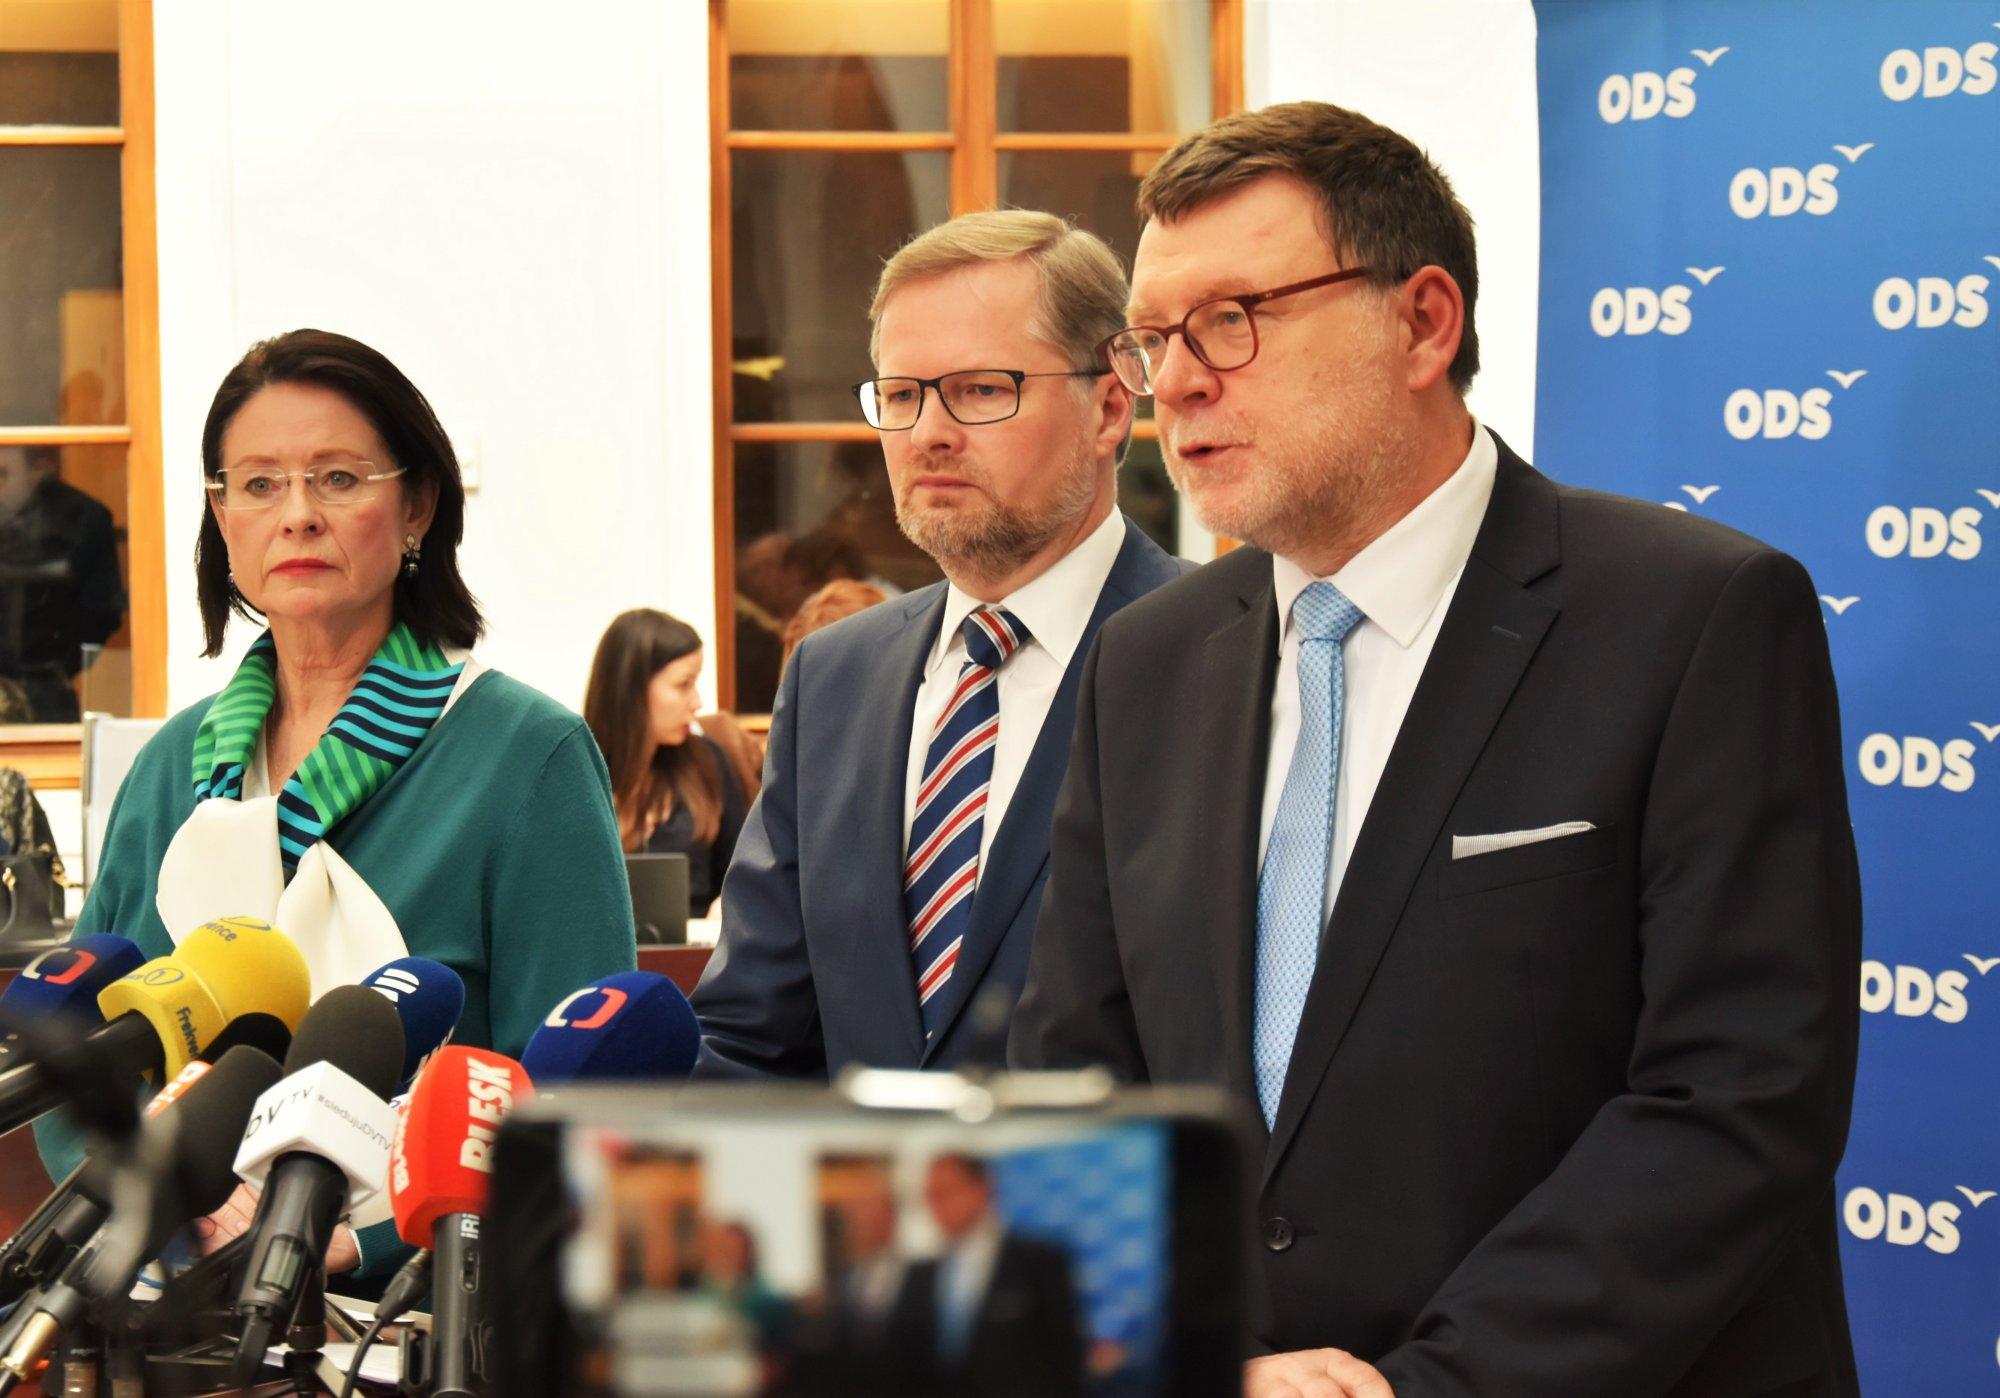 ODS: Spojenectví s USA je základní kámen zahraniční a bezpečnostní politiky ČR. Zeman jedná v zájmu Ruska